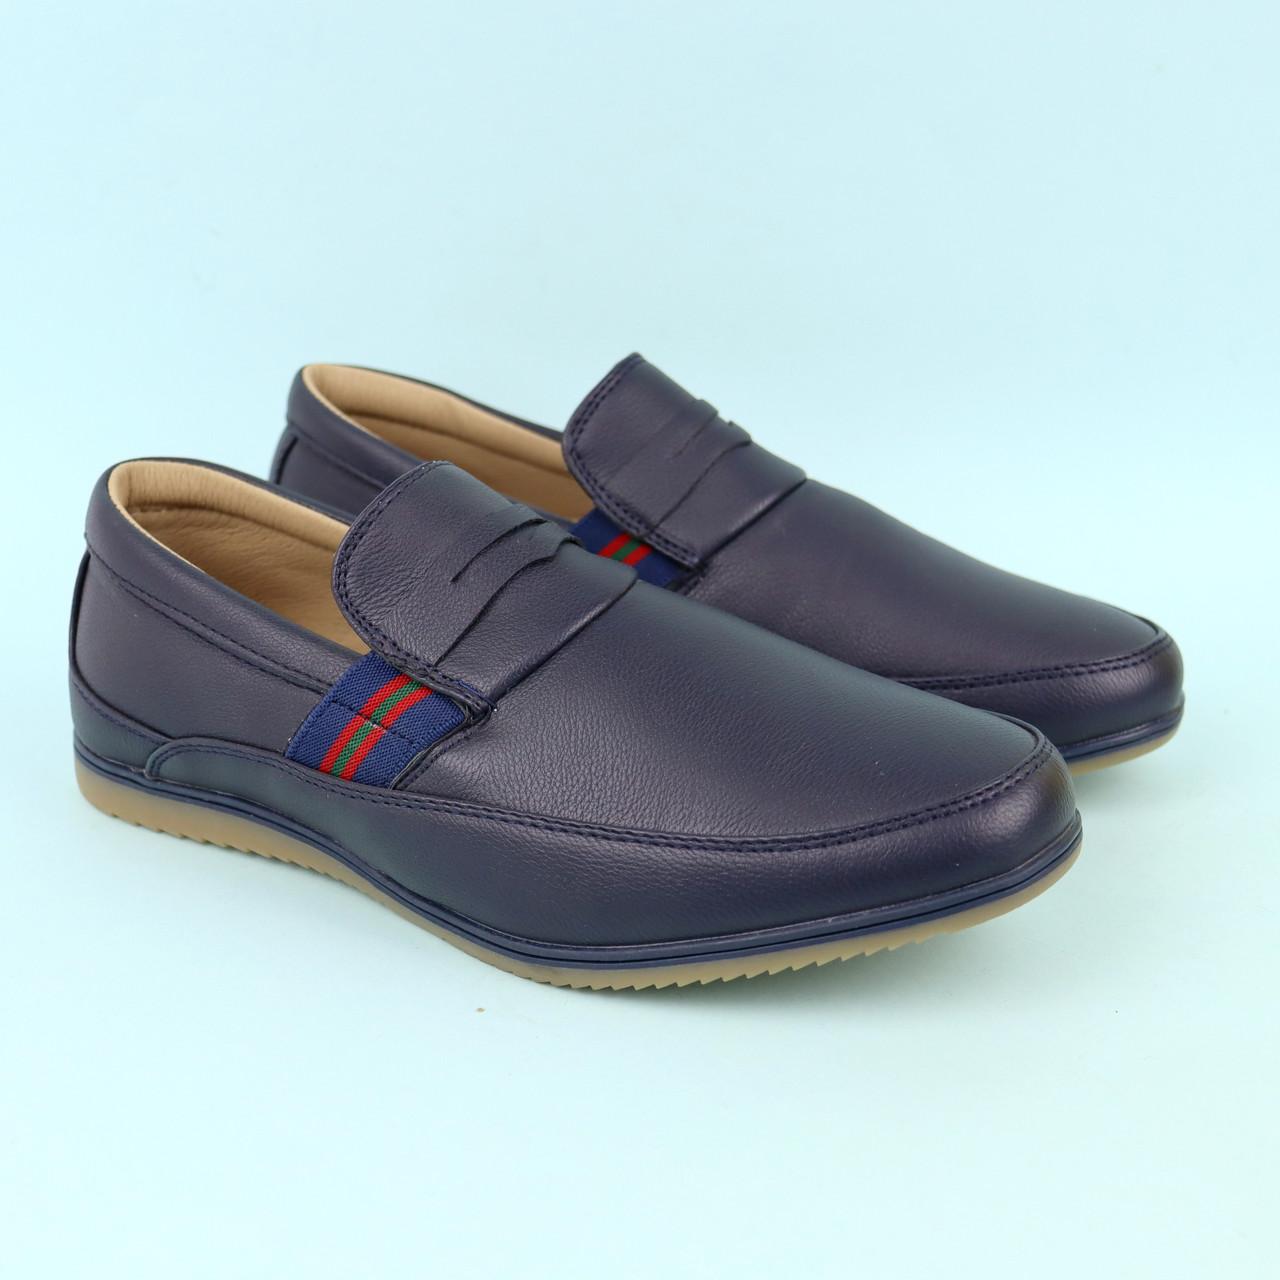 Мокасины туфли мальчику Синие для школы Tom.m размер 35,36,37